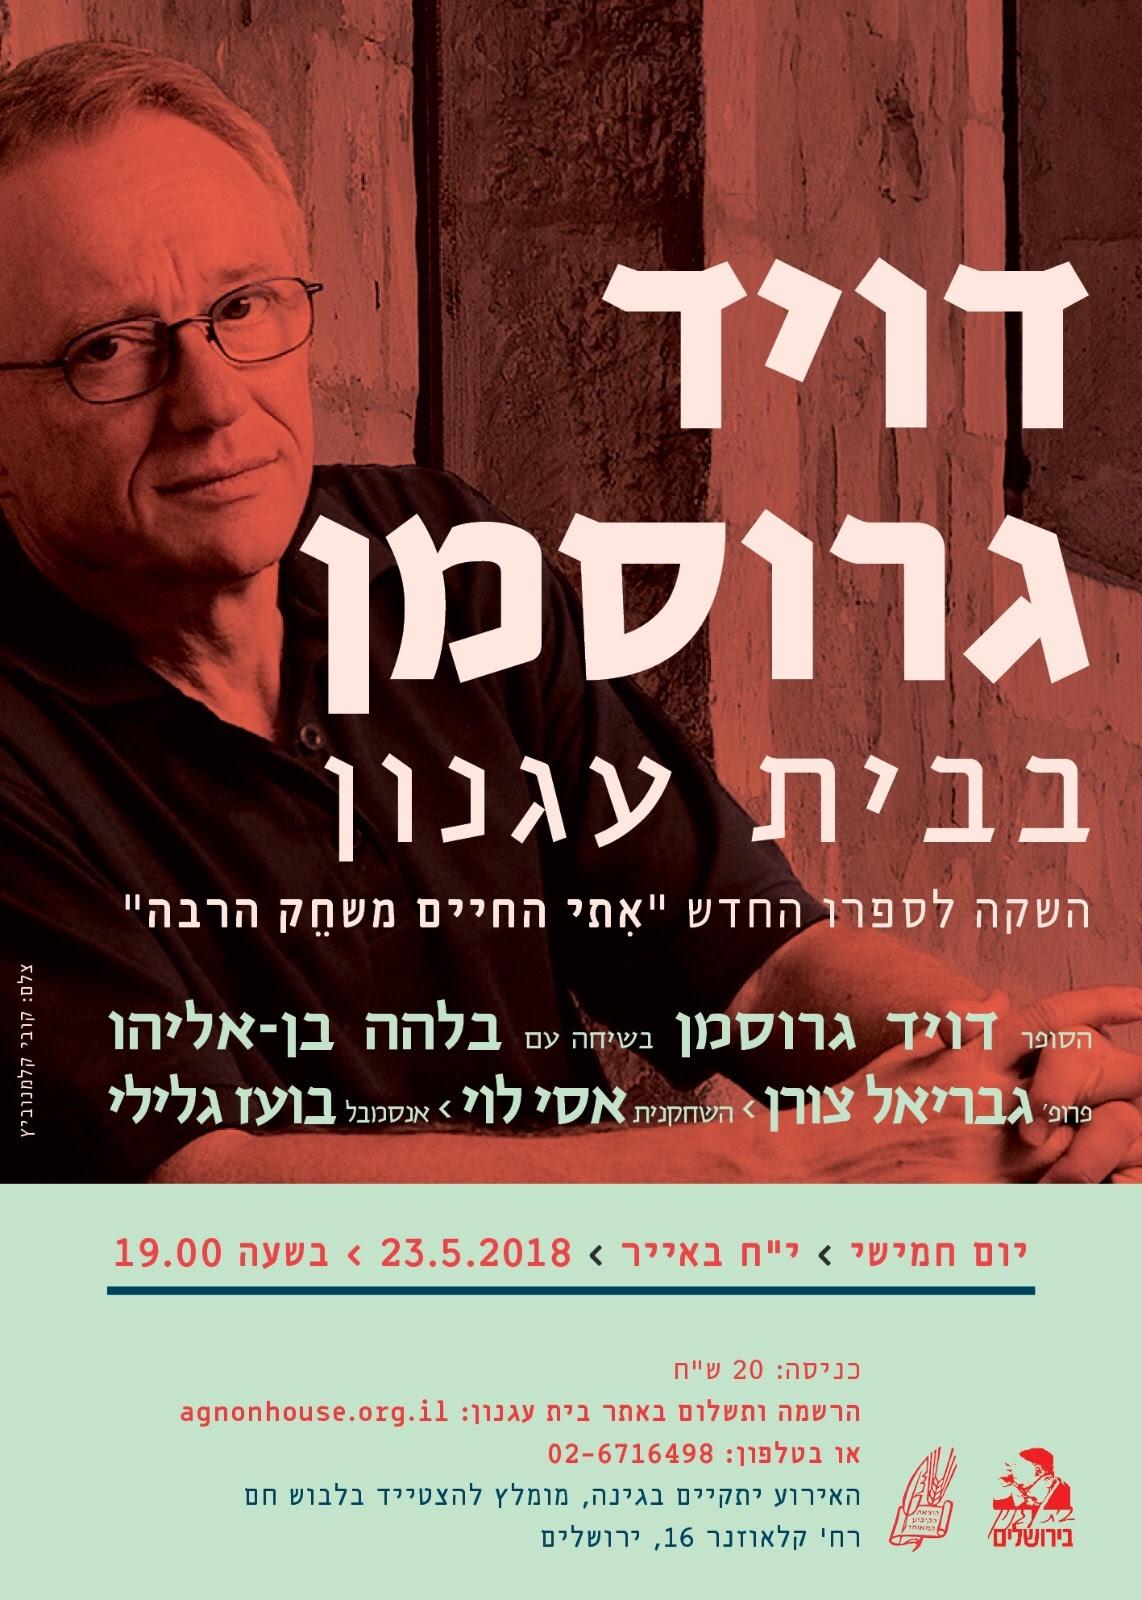 השקה ירושלמית לדויד גרוסמן